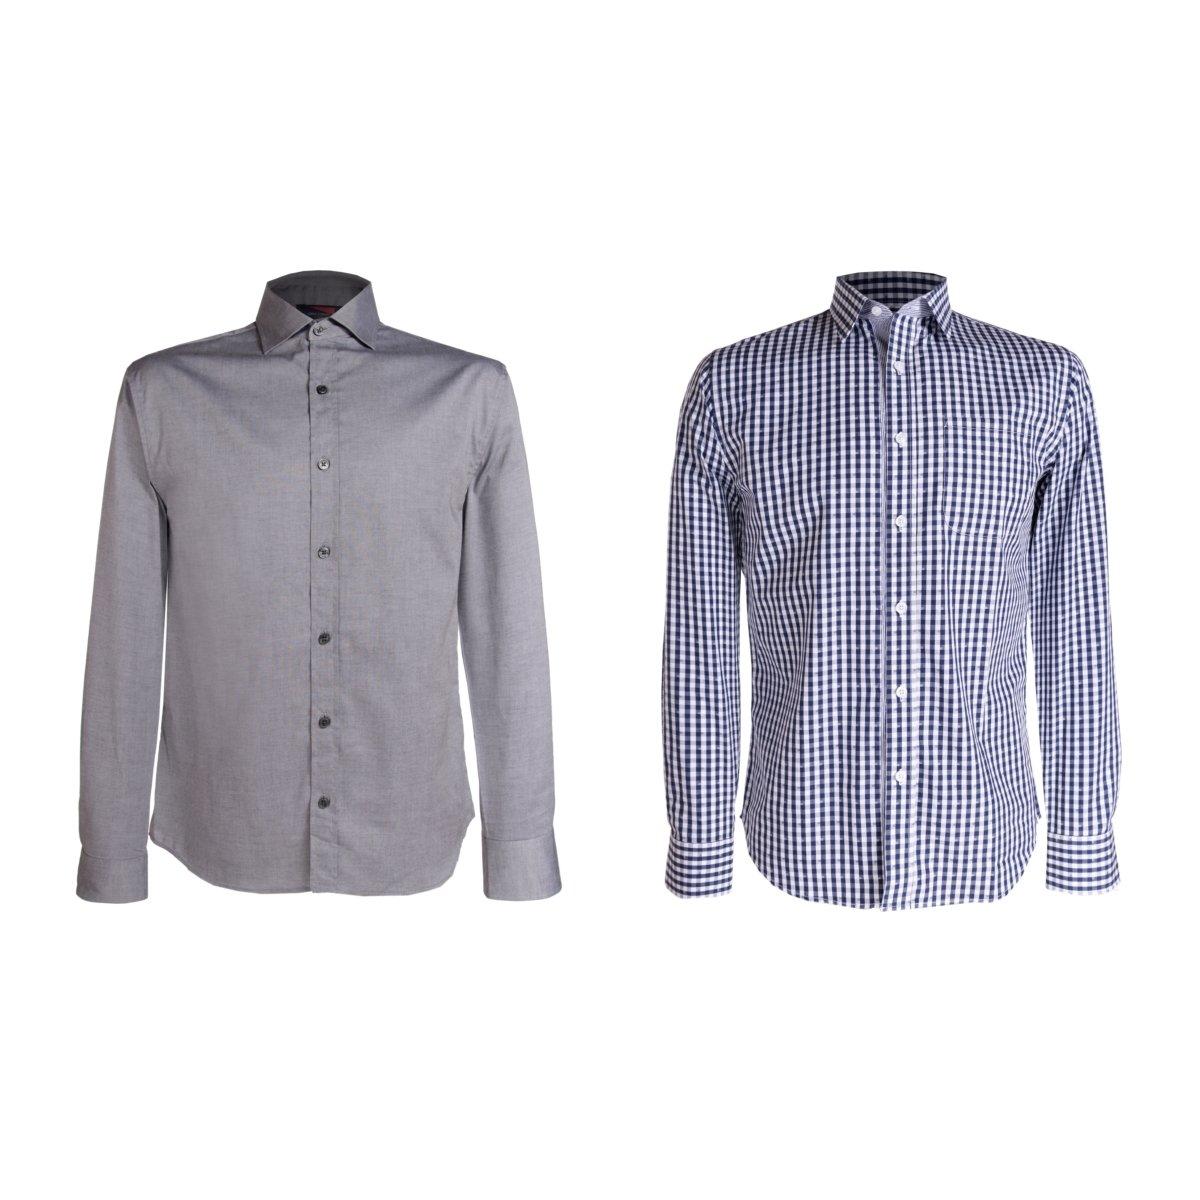 Sears en Línea: Camisa Casual Carlo Corinto Sport, 2Pack Tallas: chica, mediana grande y extra grande